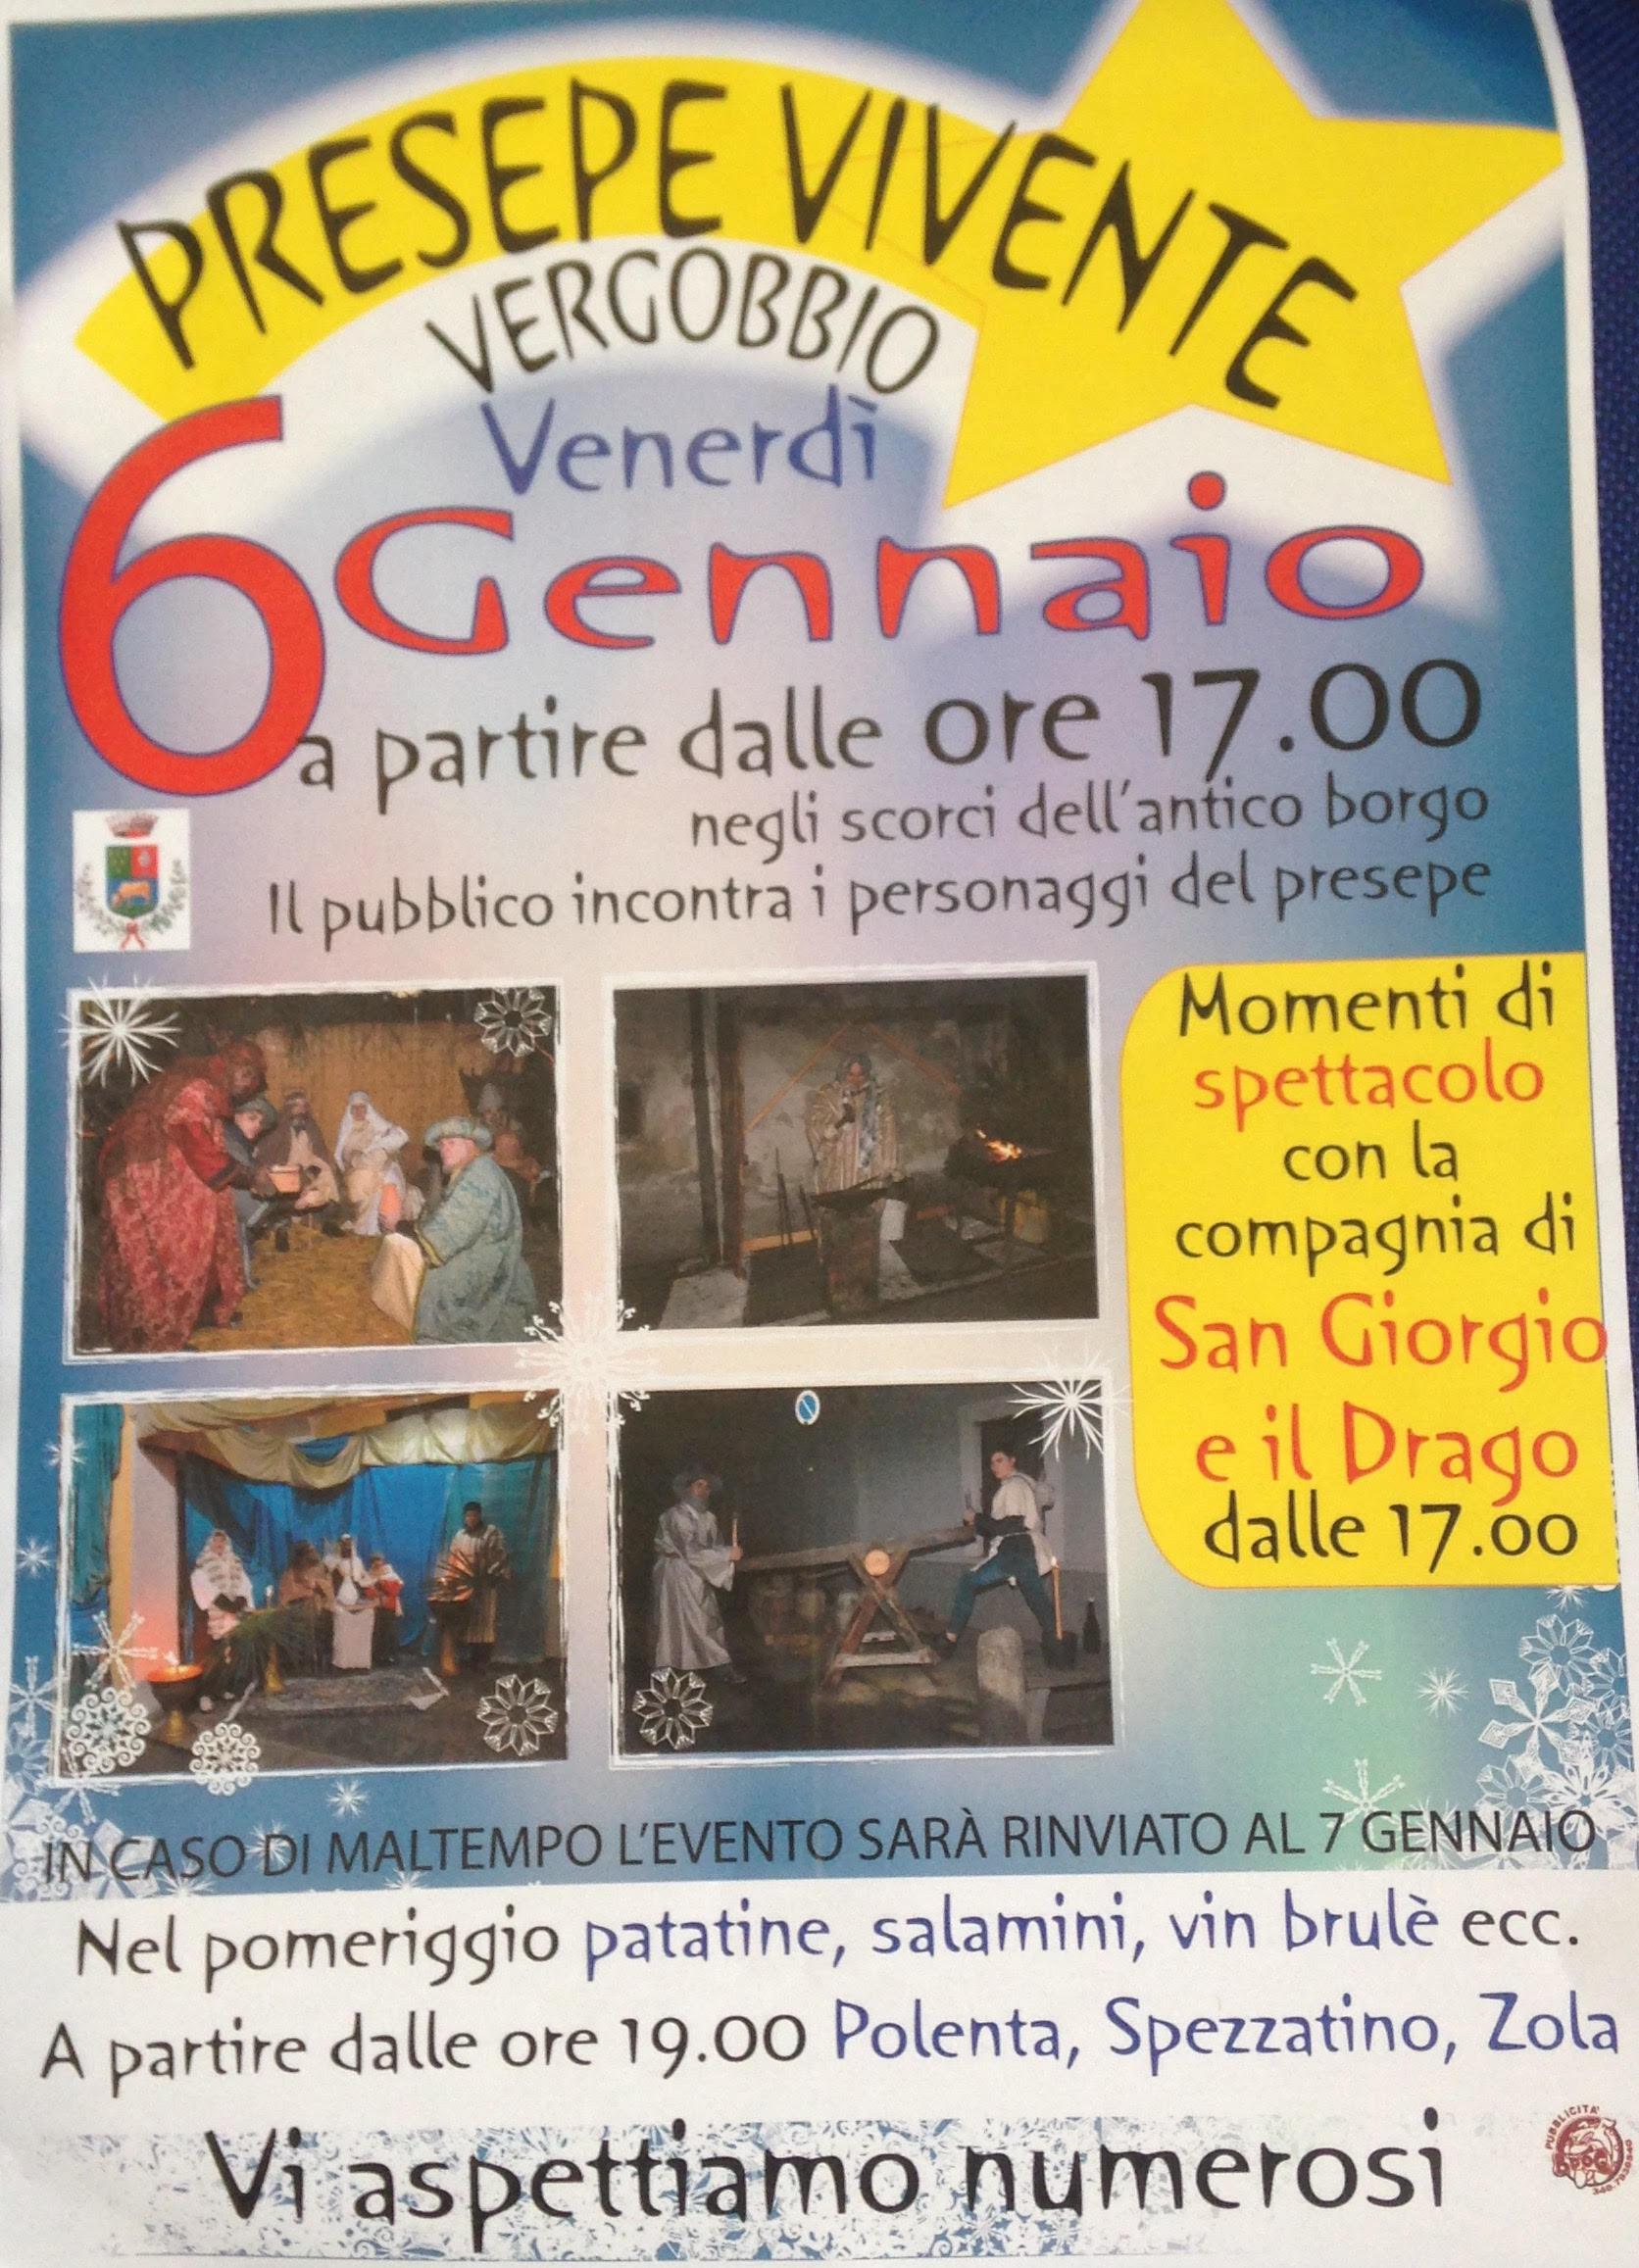 Cuveglio, nel borgo di Vergobbio si rinnova la tradizione del presepe vivente